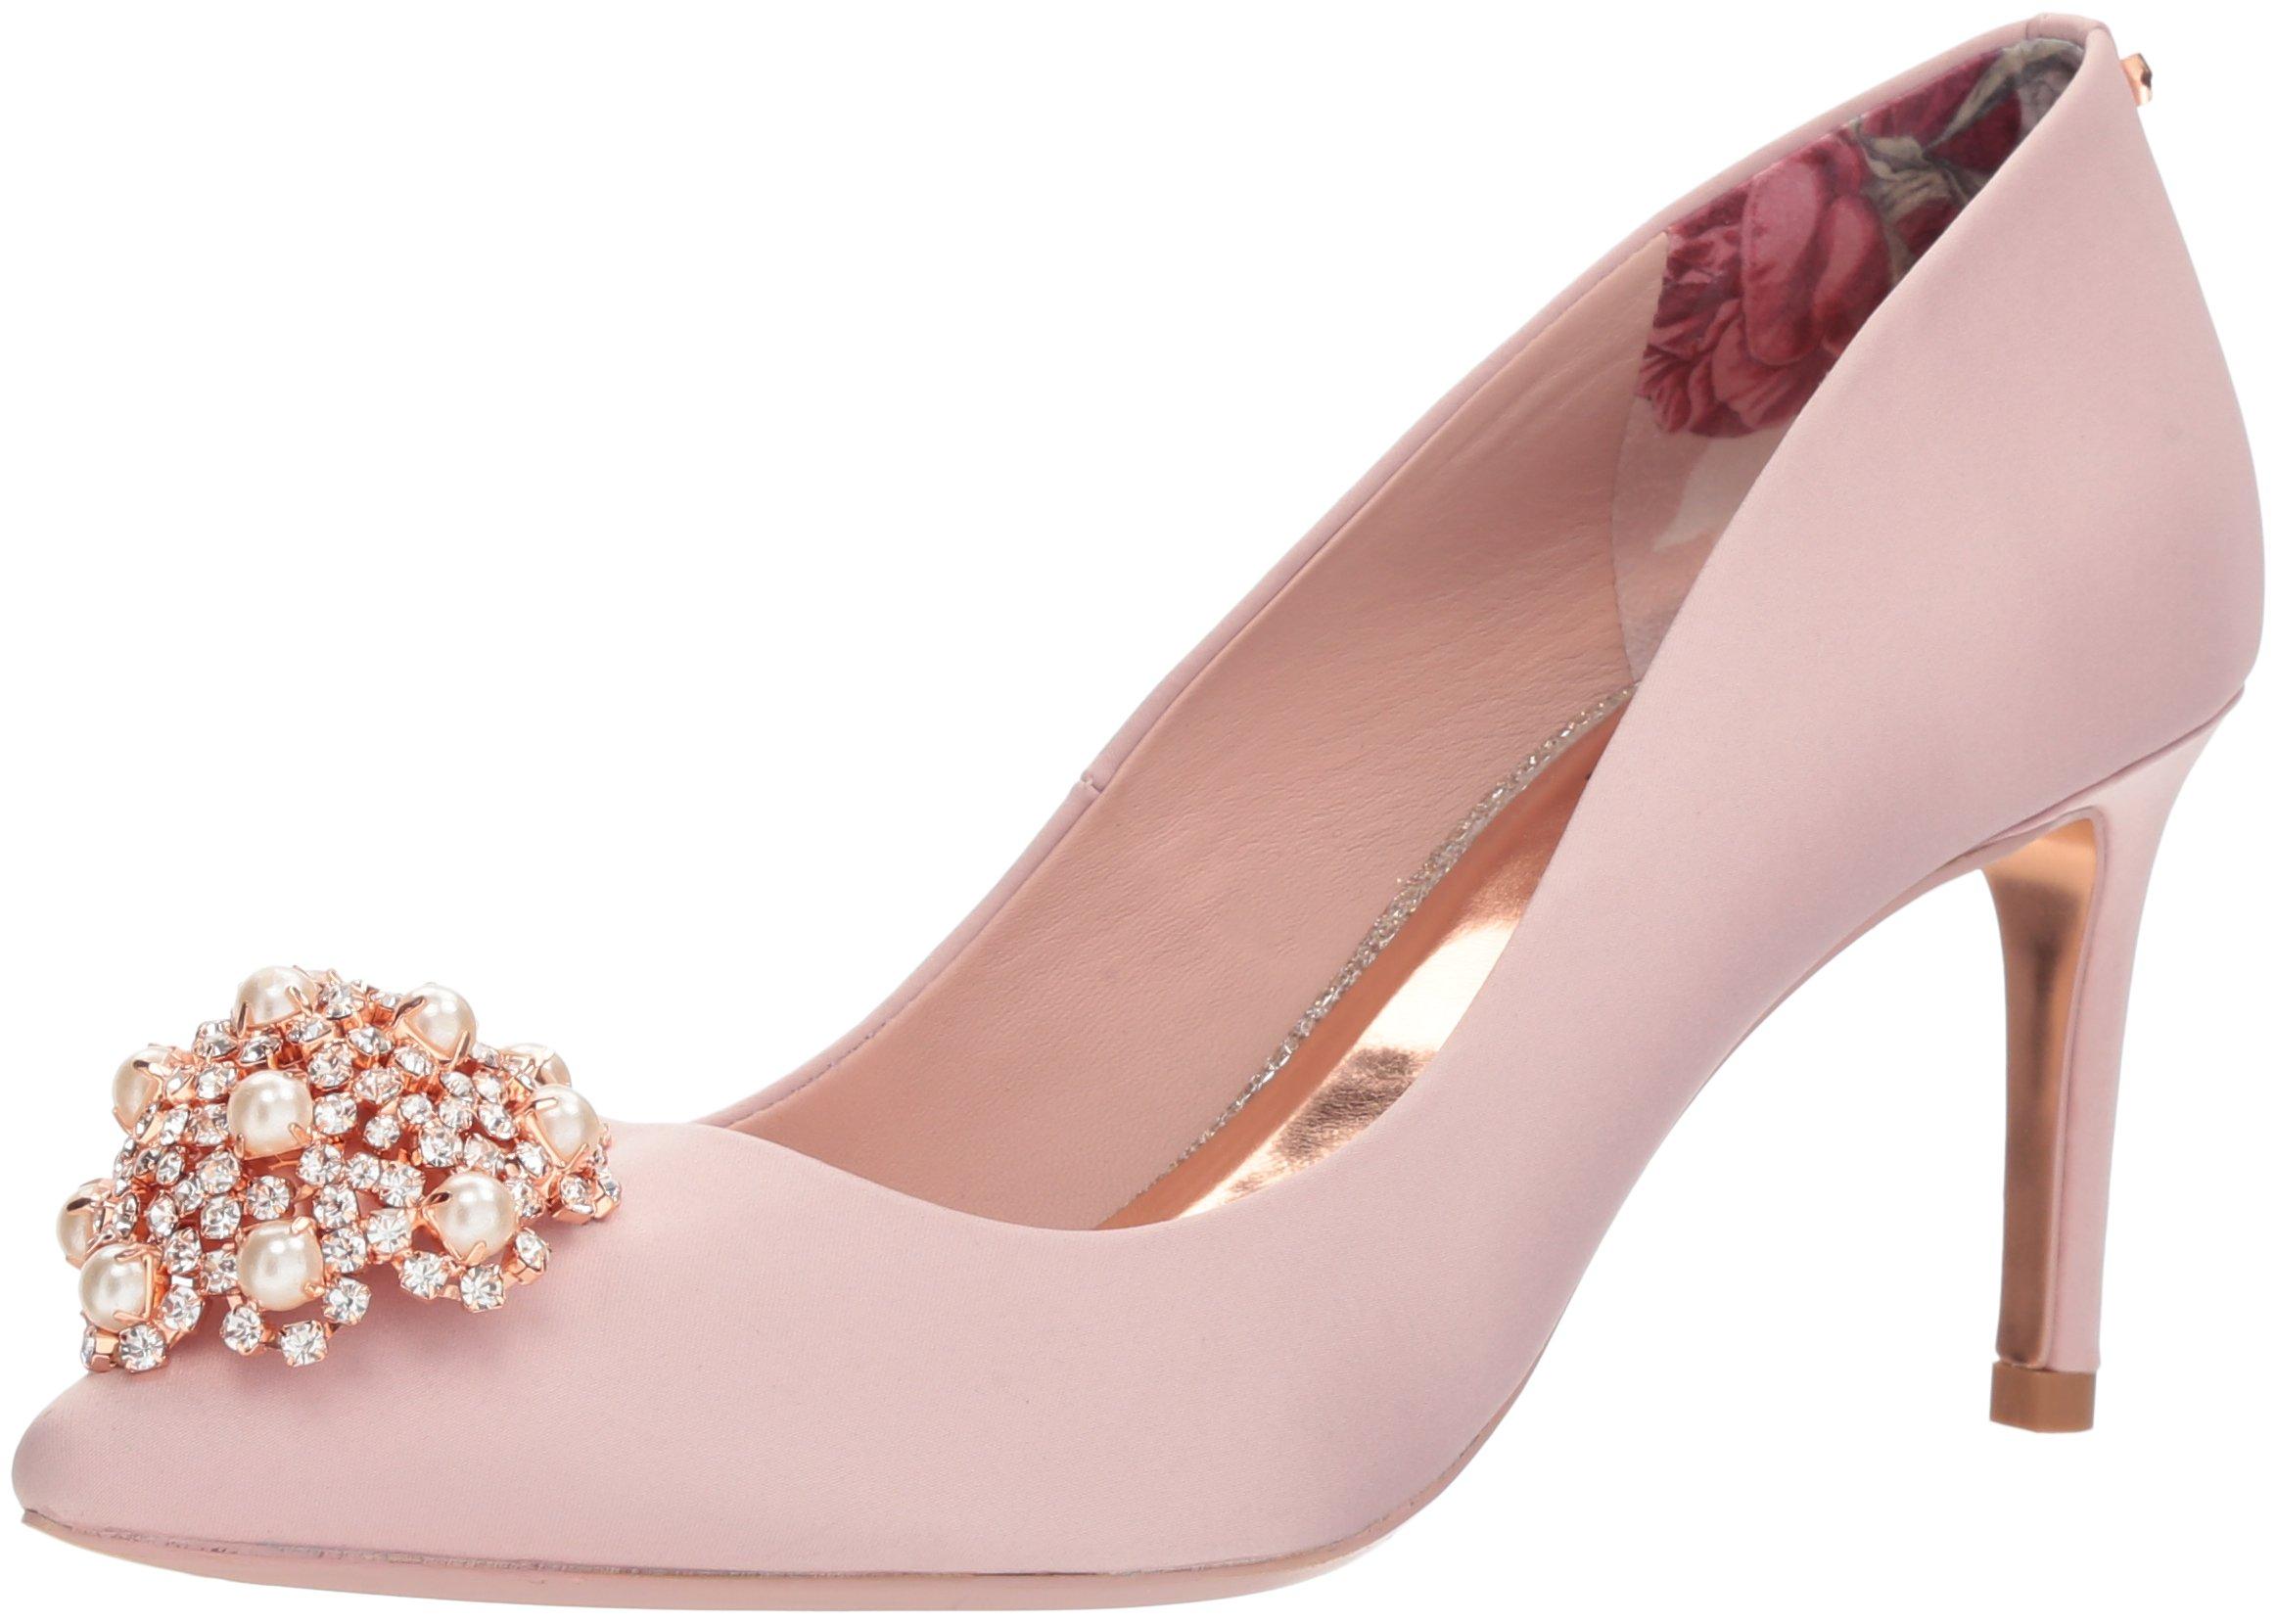 Ted Baker Women's Dahrlin Pump, Light Pink, 7 B(M) US